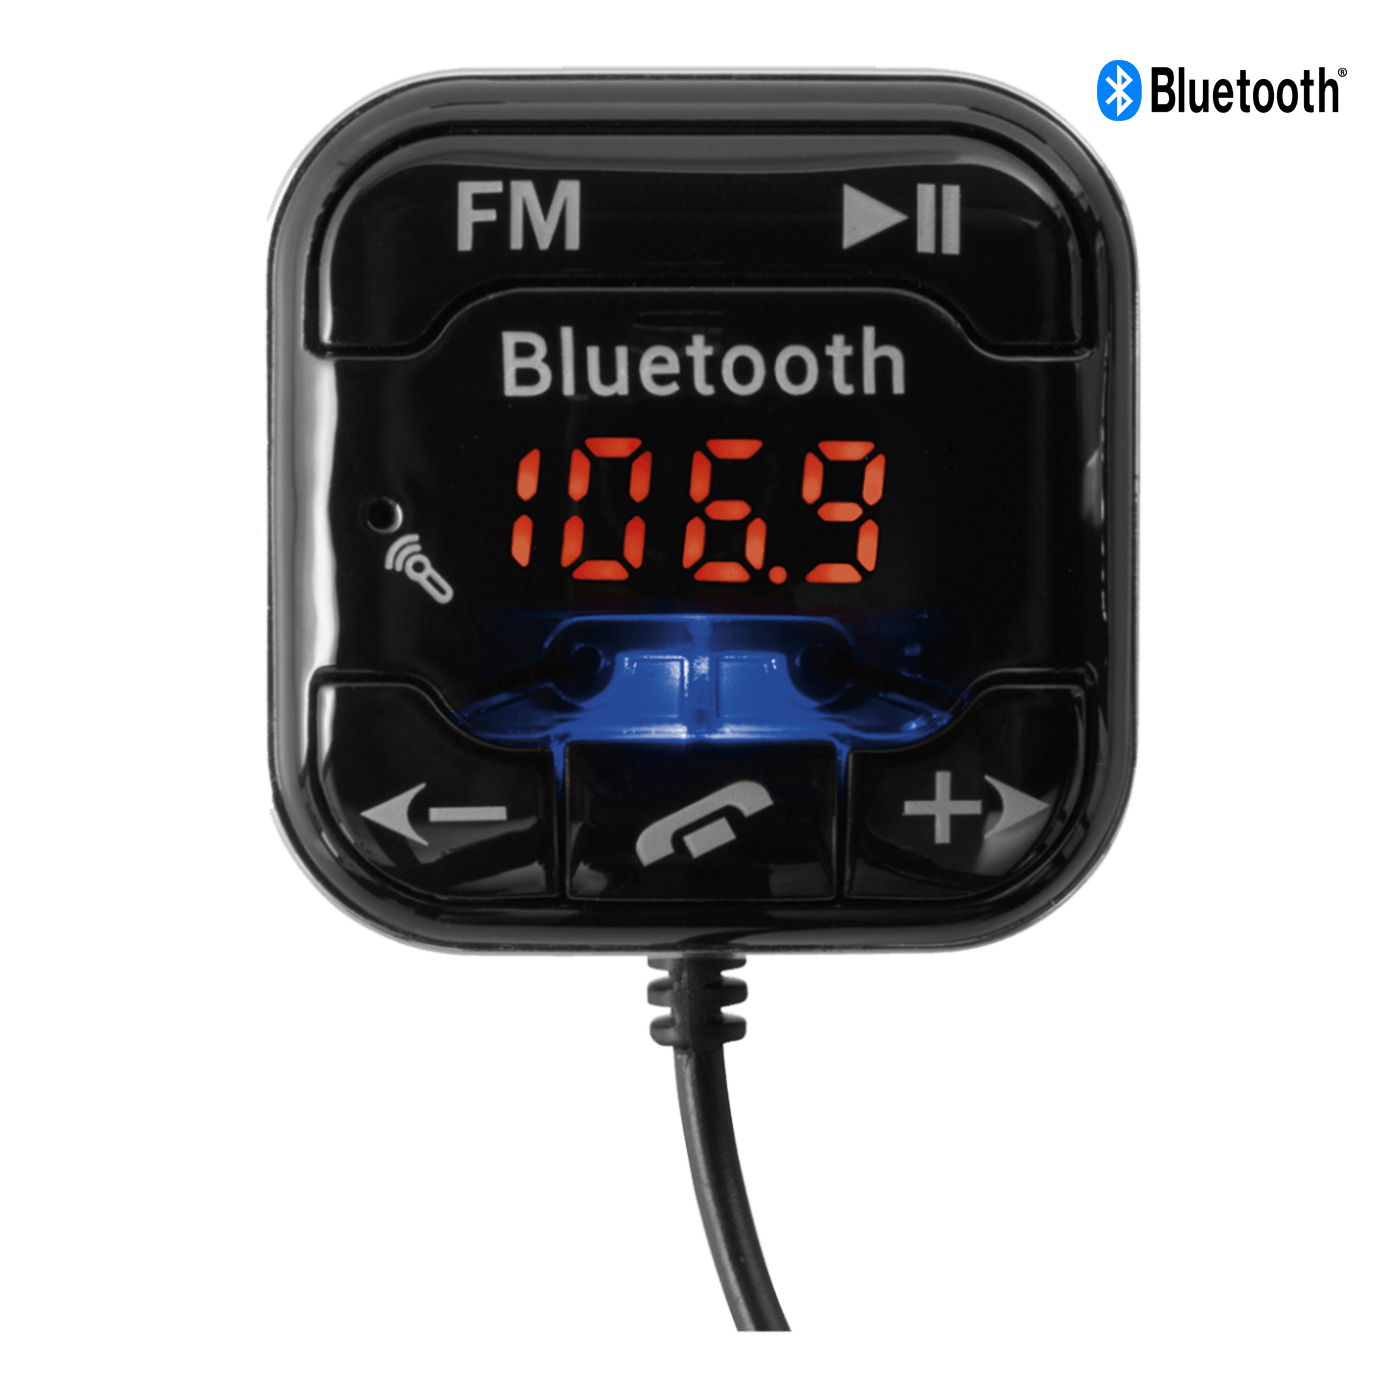 FMBT 104